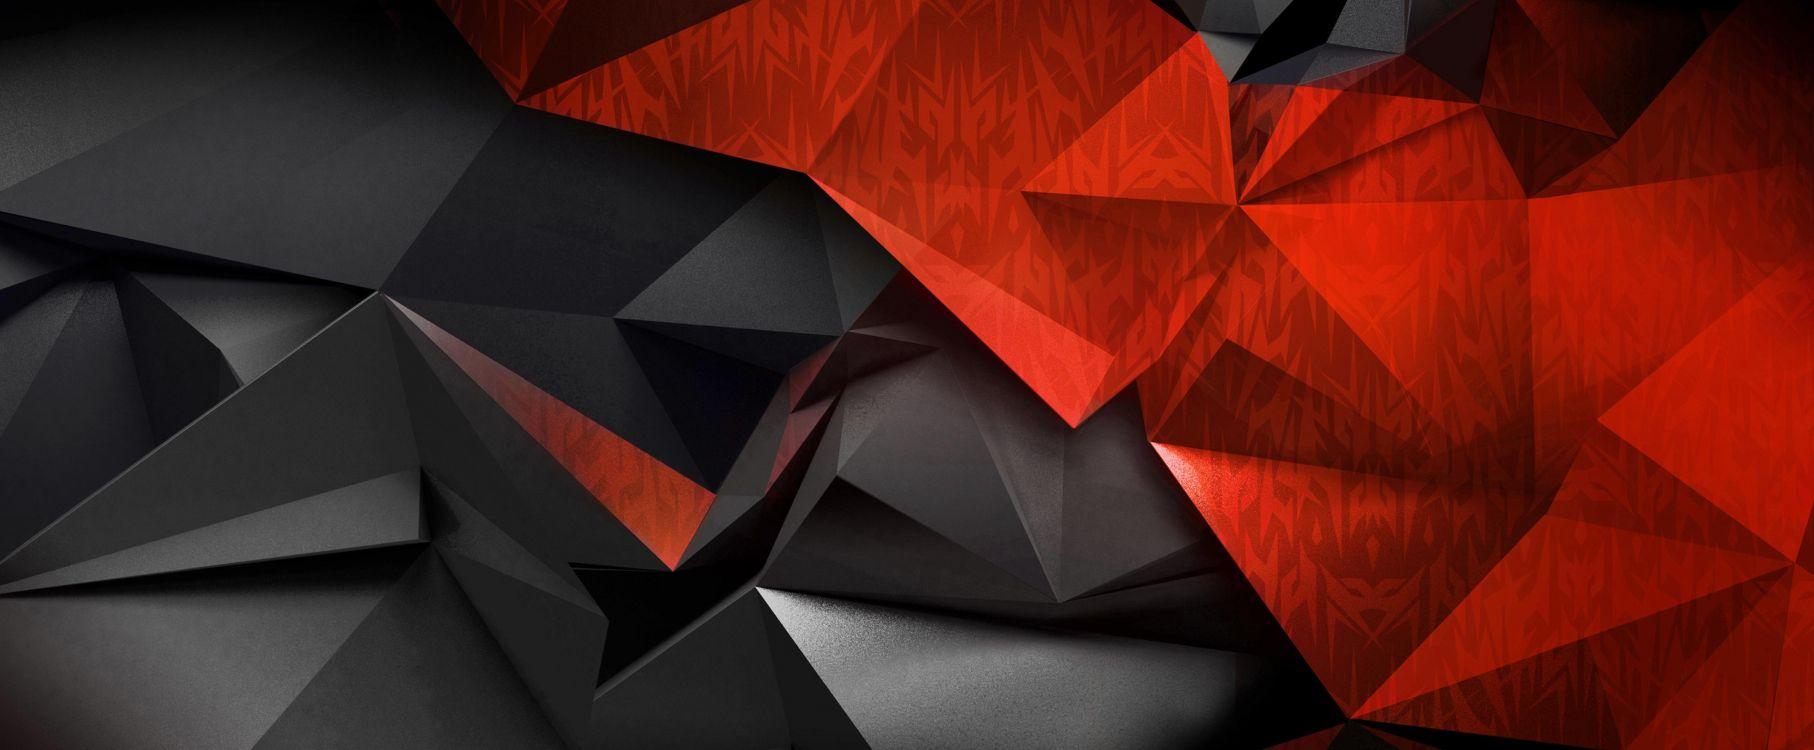 Обои дизайн, графический дизайн, симметрия, треугольник, Панель IPS в разрешении 5064x2093